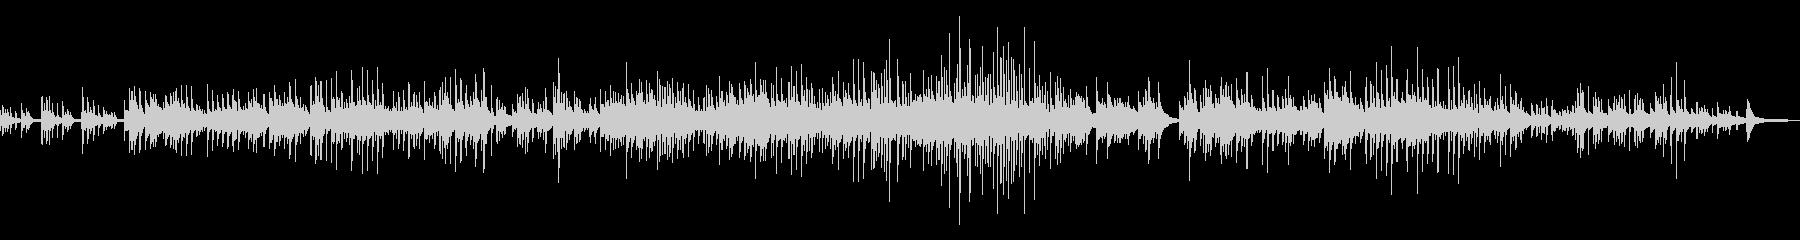 童謡「大きな栗」エモいチルピアノアレンジの未再生の波形